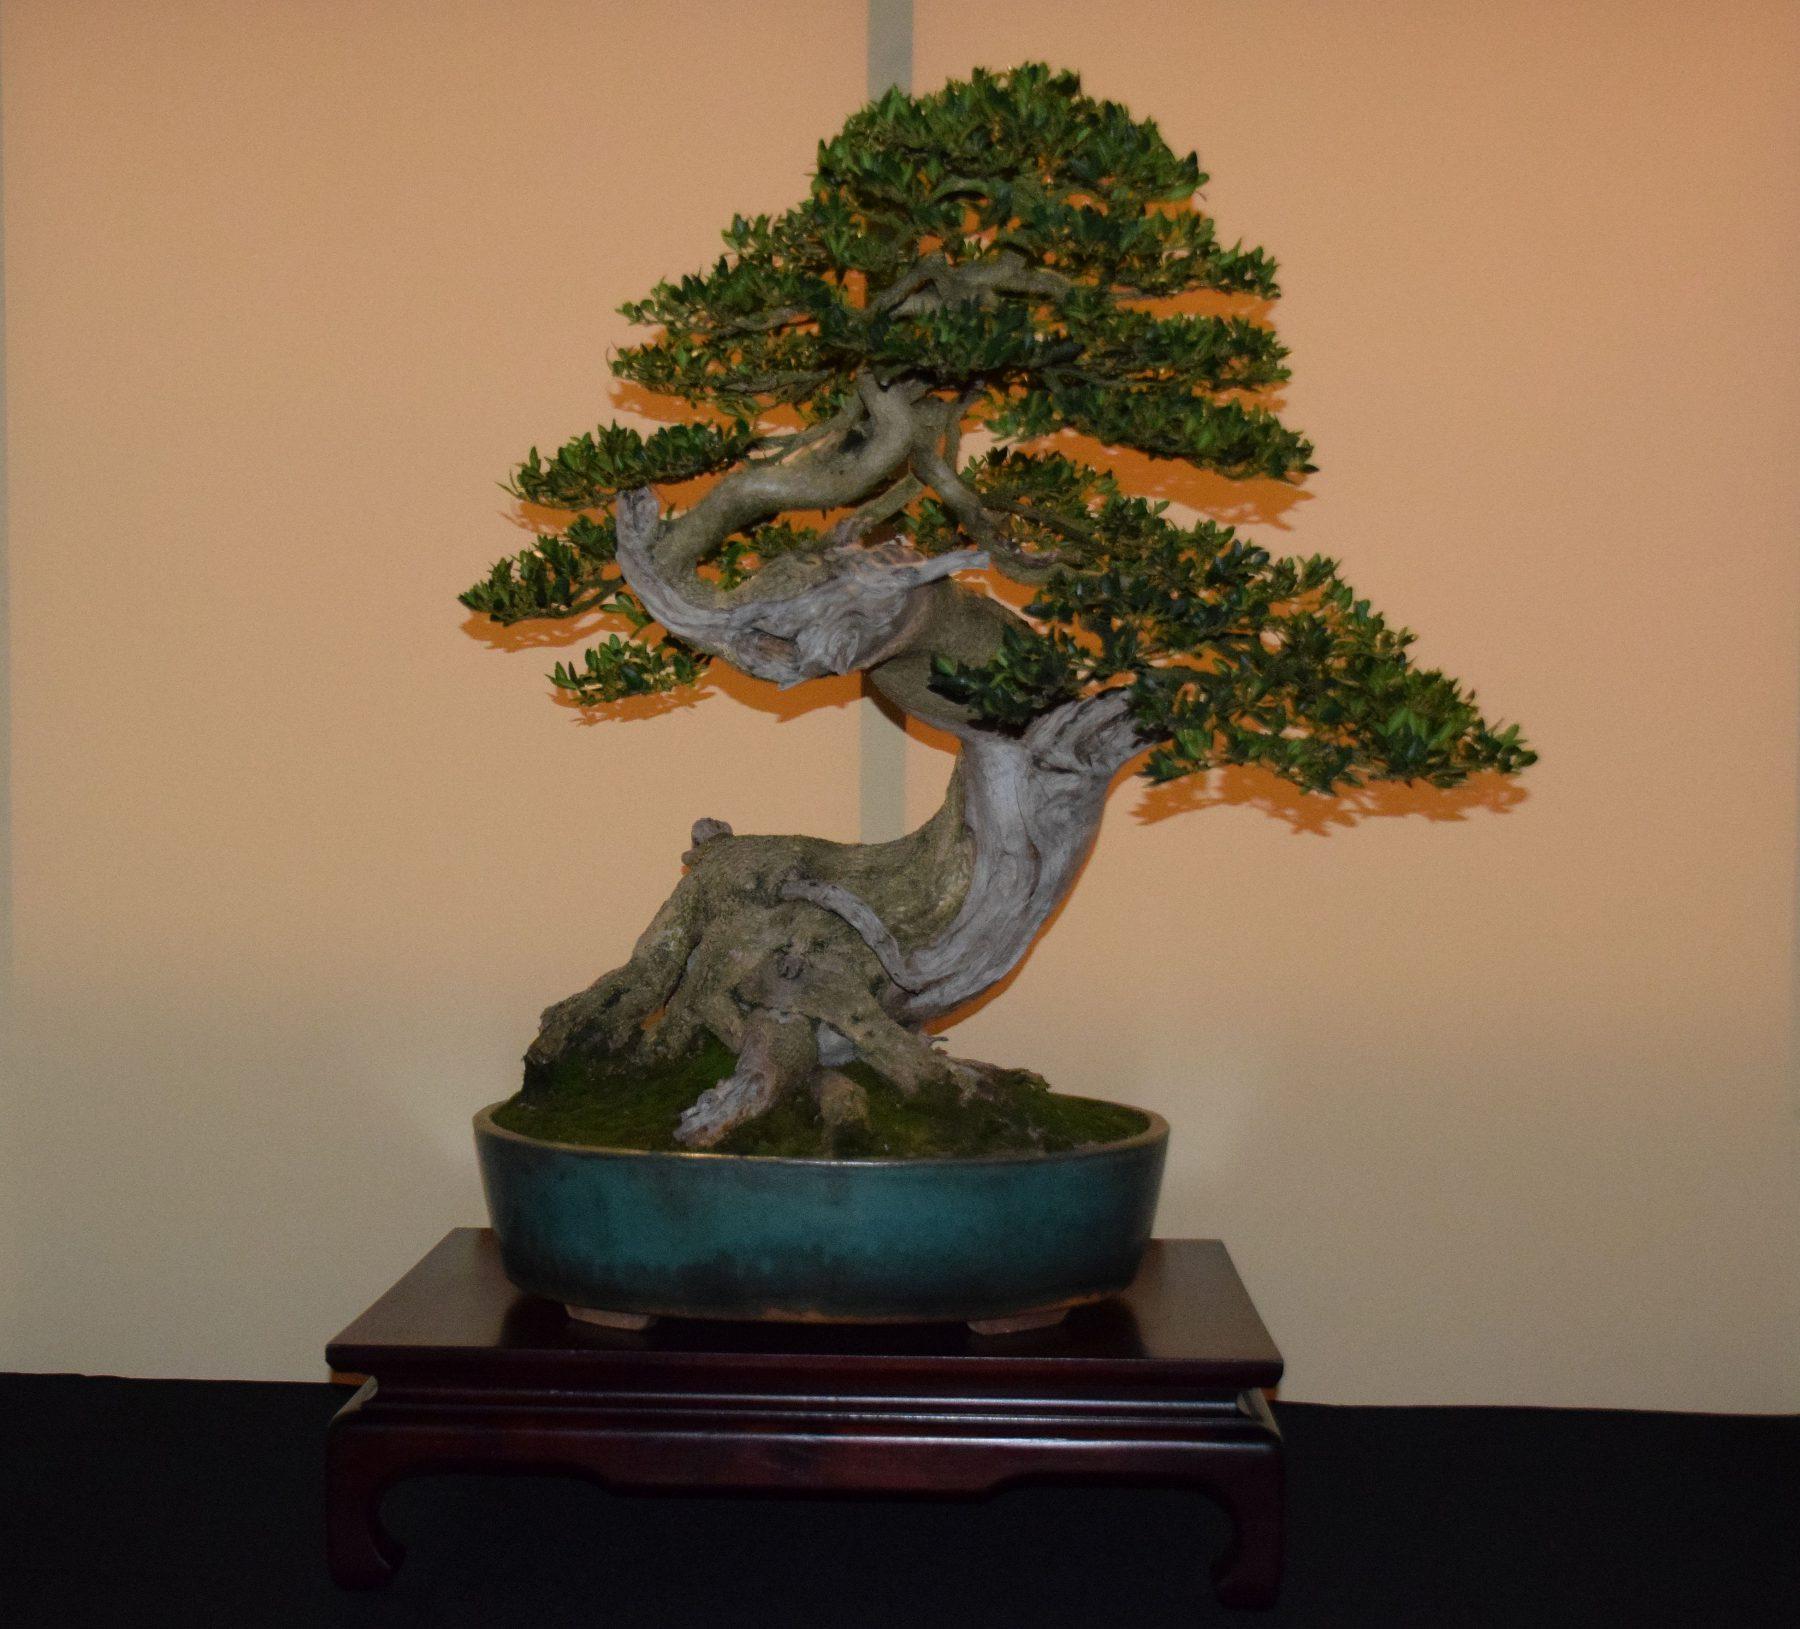 euk-bonsai-ten-2016-jp-polmans-collectie-004